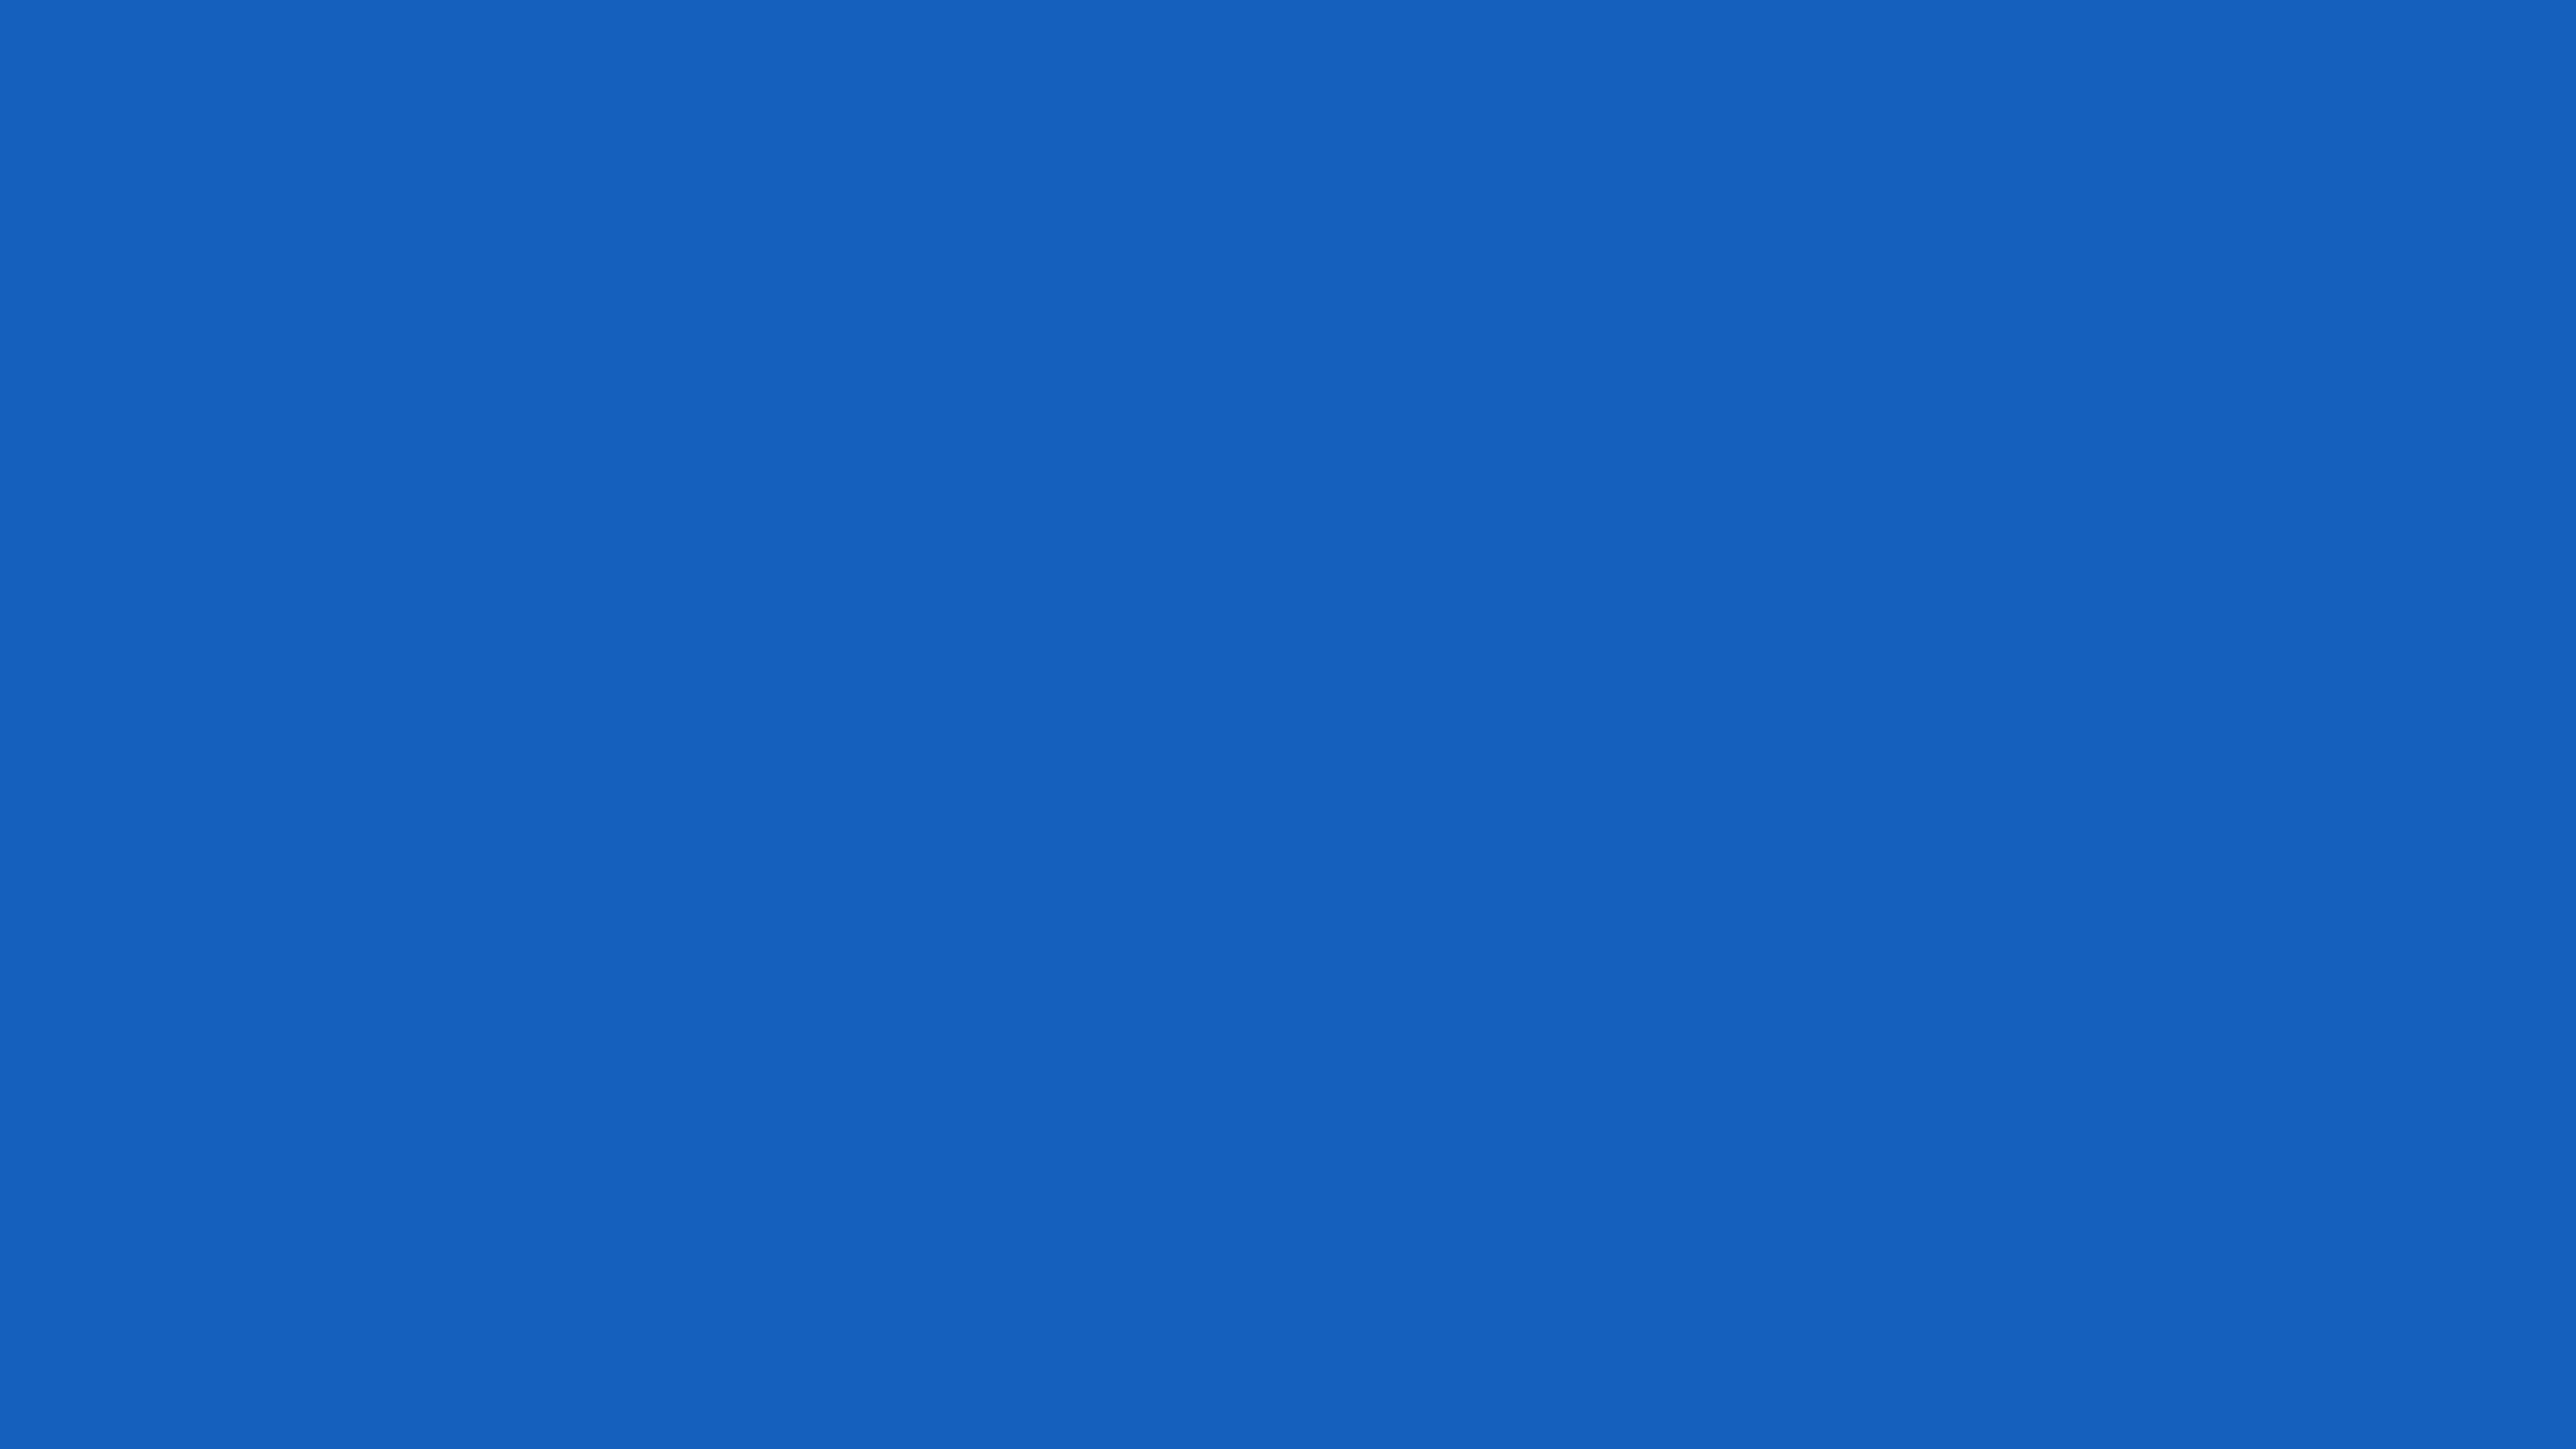 5120x2880 Denim Solid Color Background